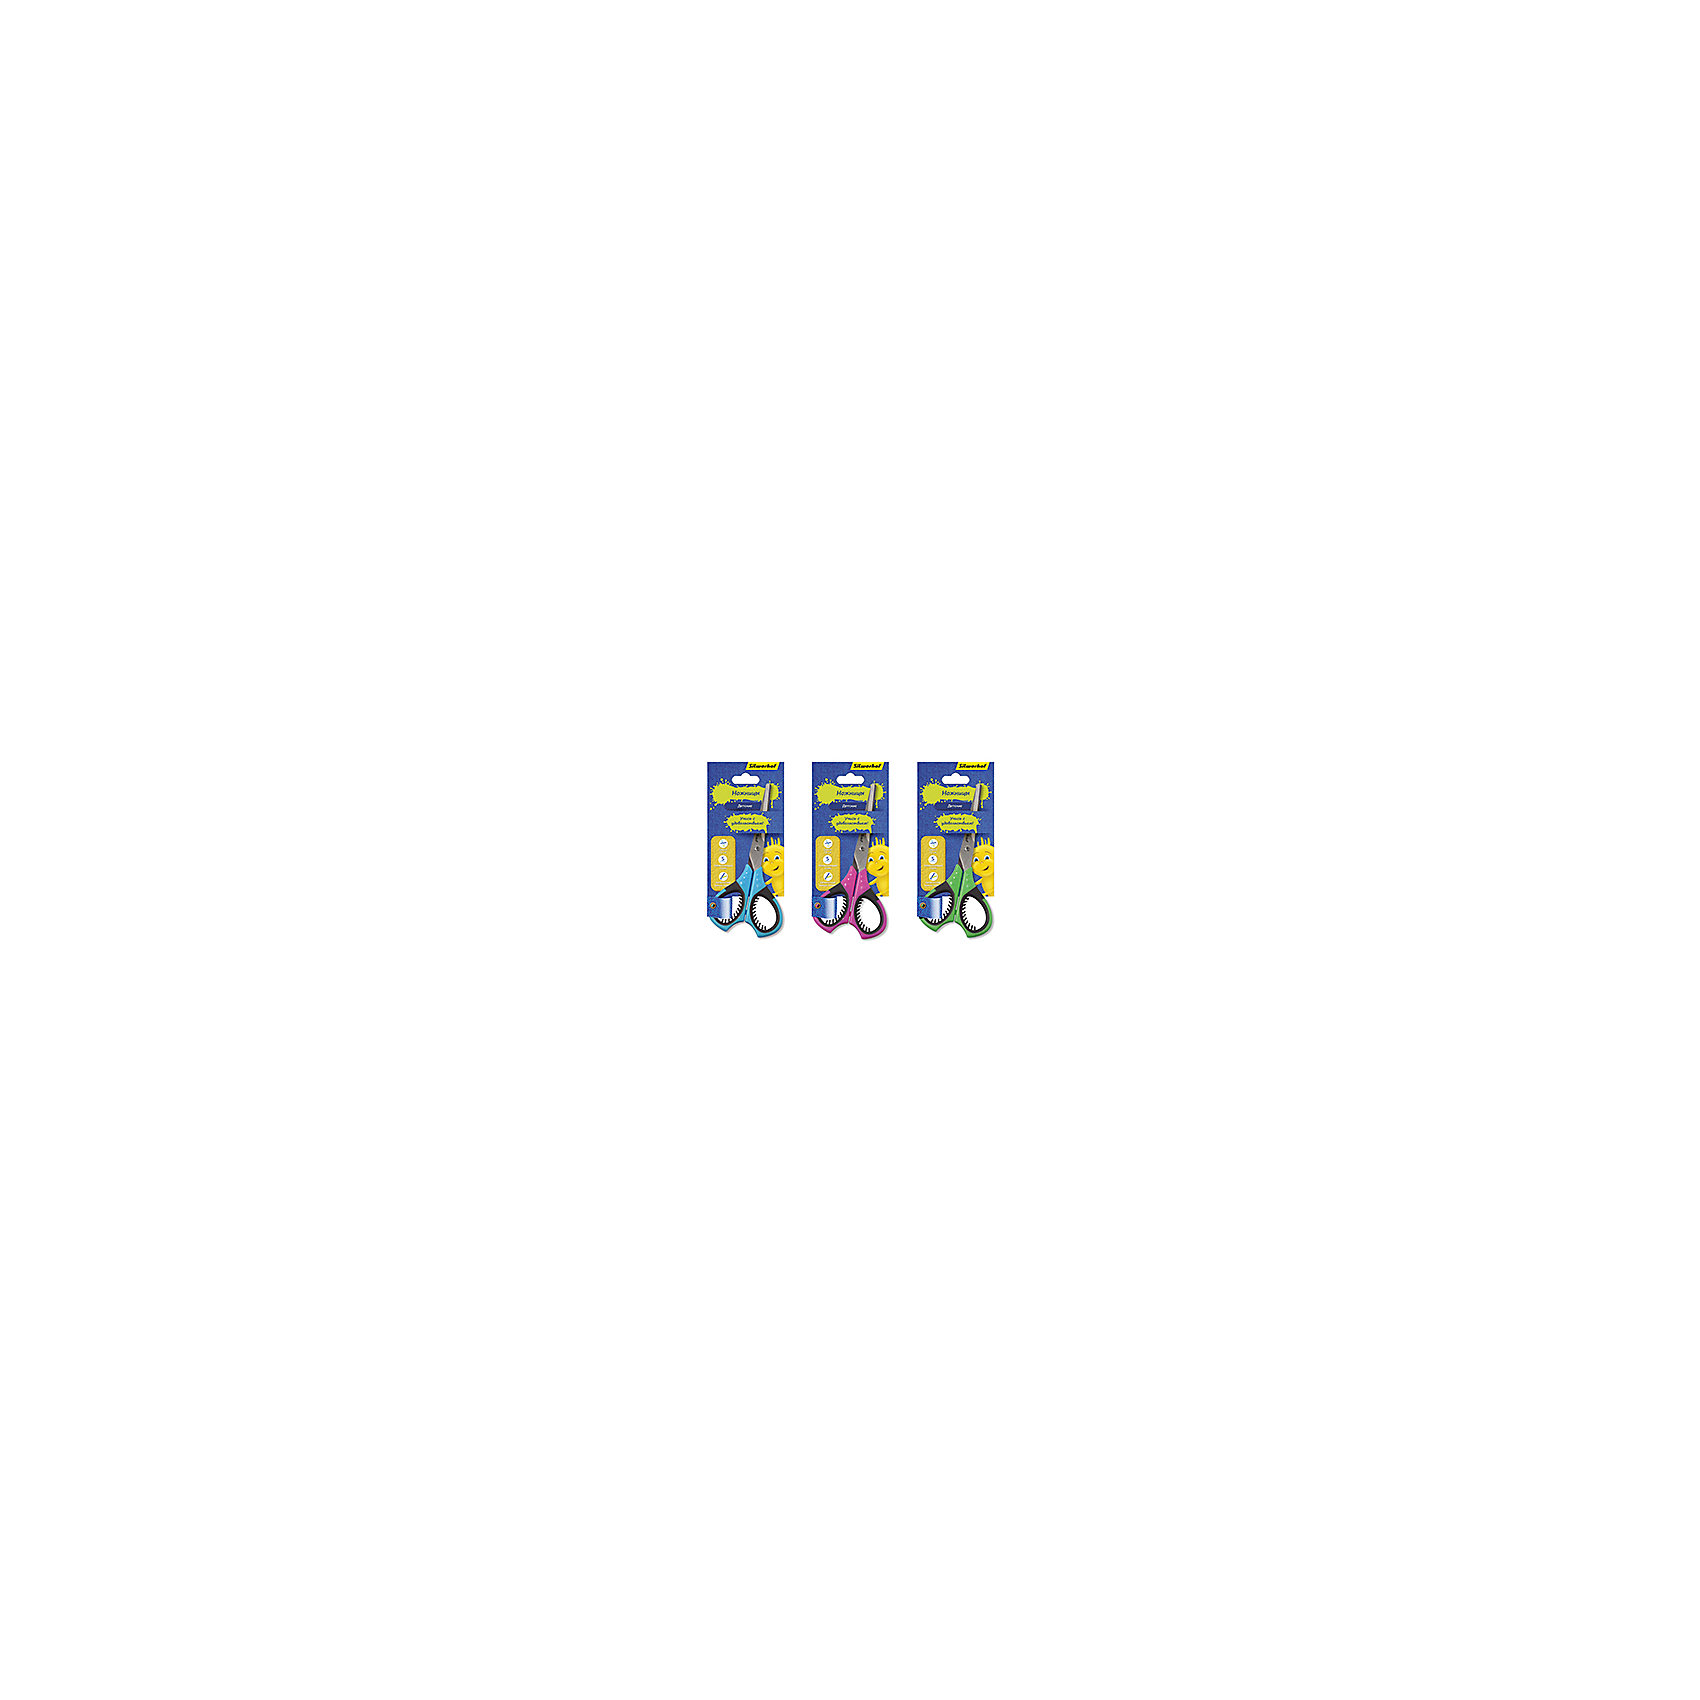 Silwerhof Ножницы детские, ДЖИНСОВАЯ КОЛЛЕКЦИЯ, 15см silwerhof ручка гелевая набор 6шт джинсовая коллекция